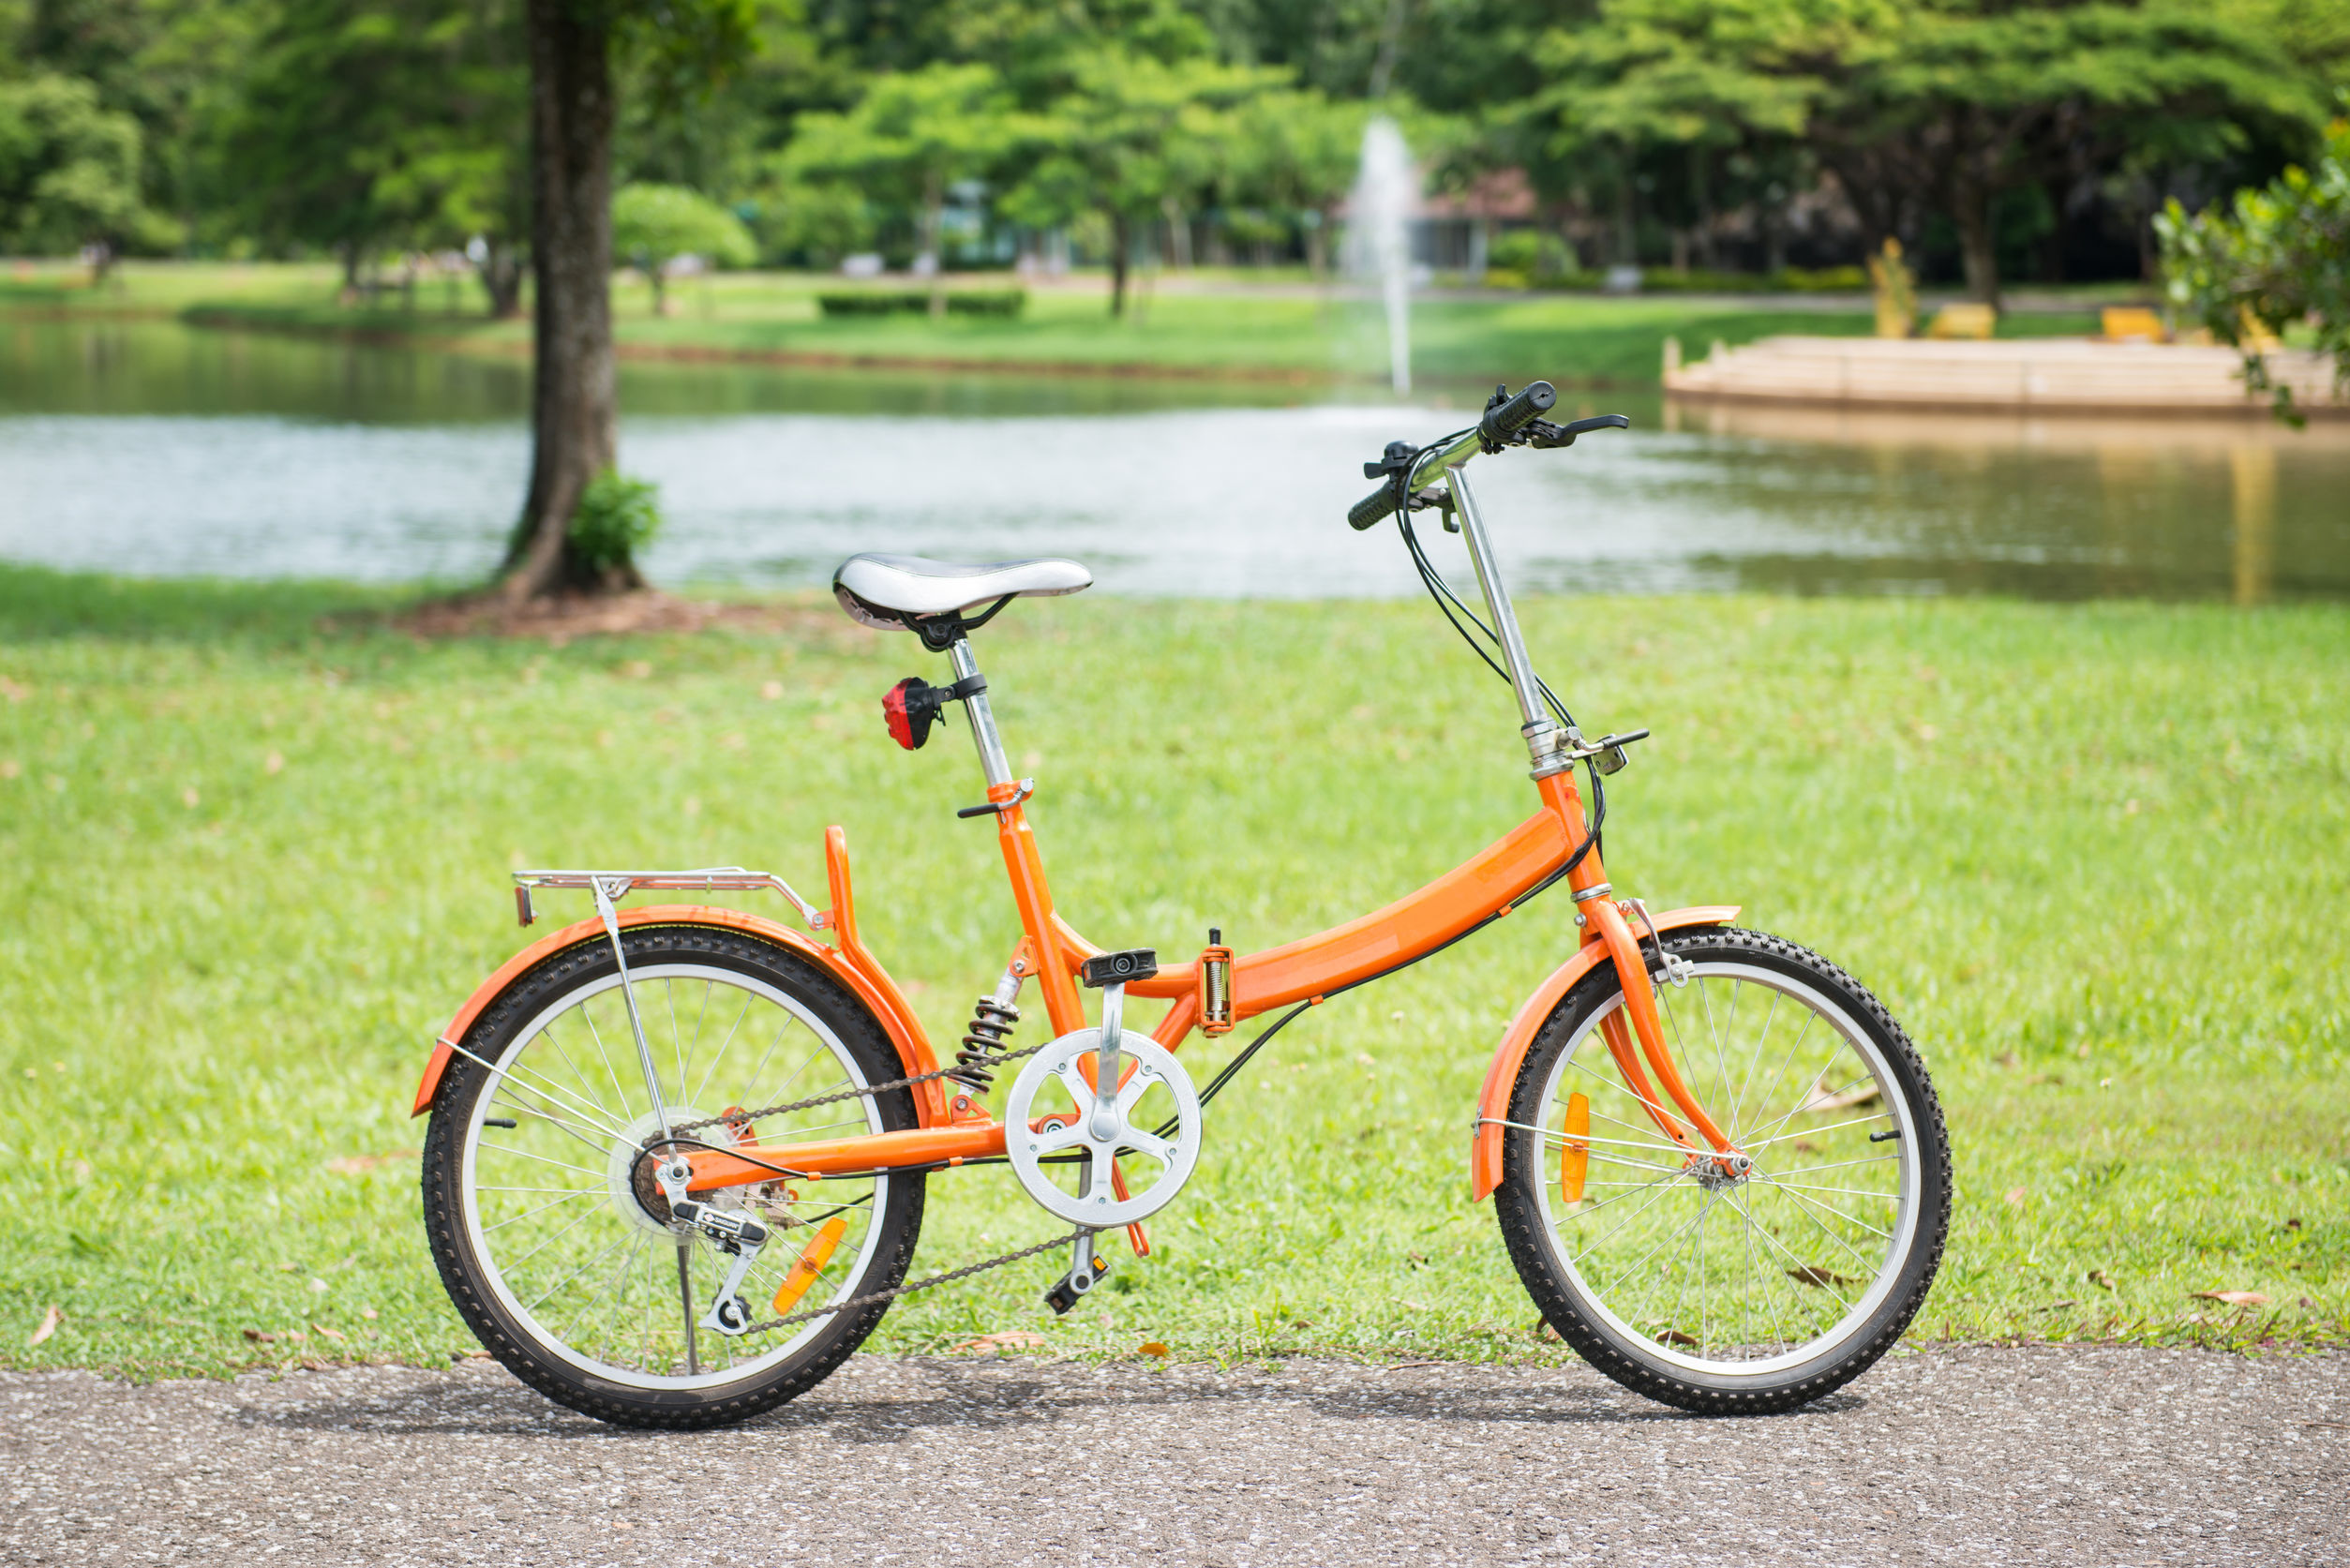 Bicicletas plegables: ¿Cuál es la mejor del 2021?